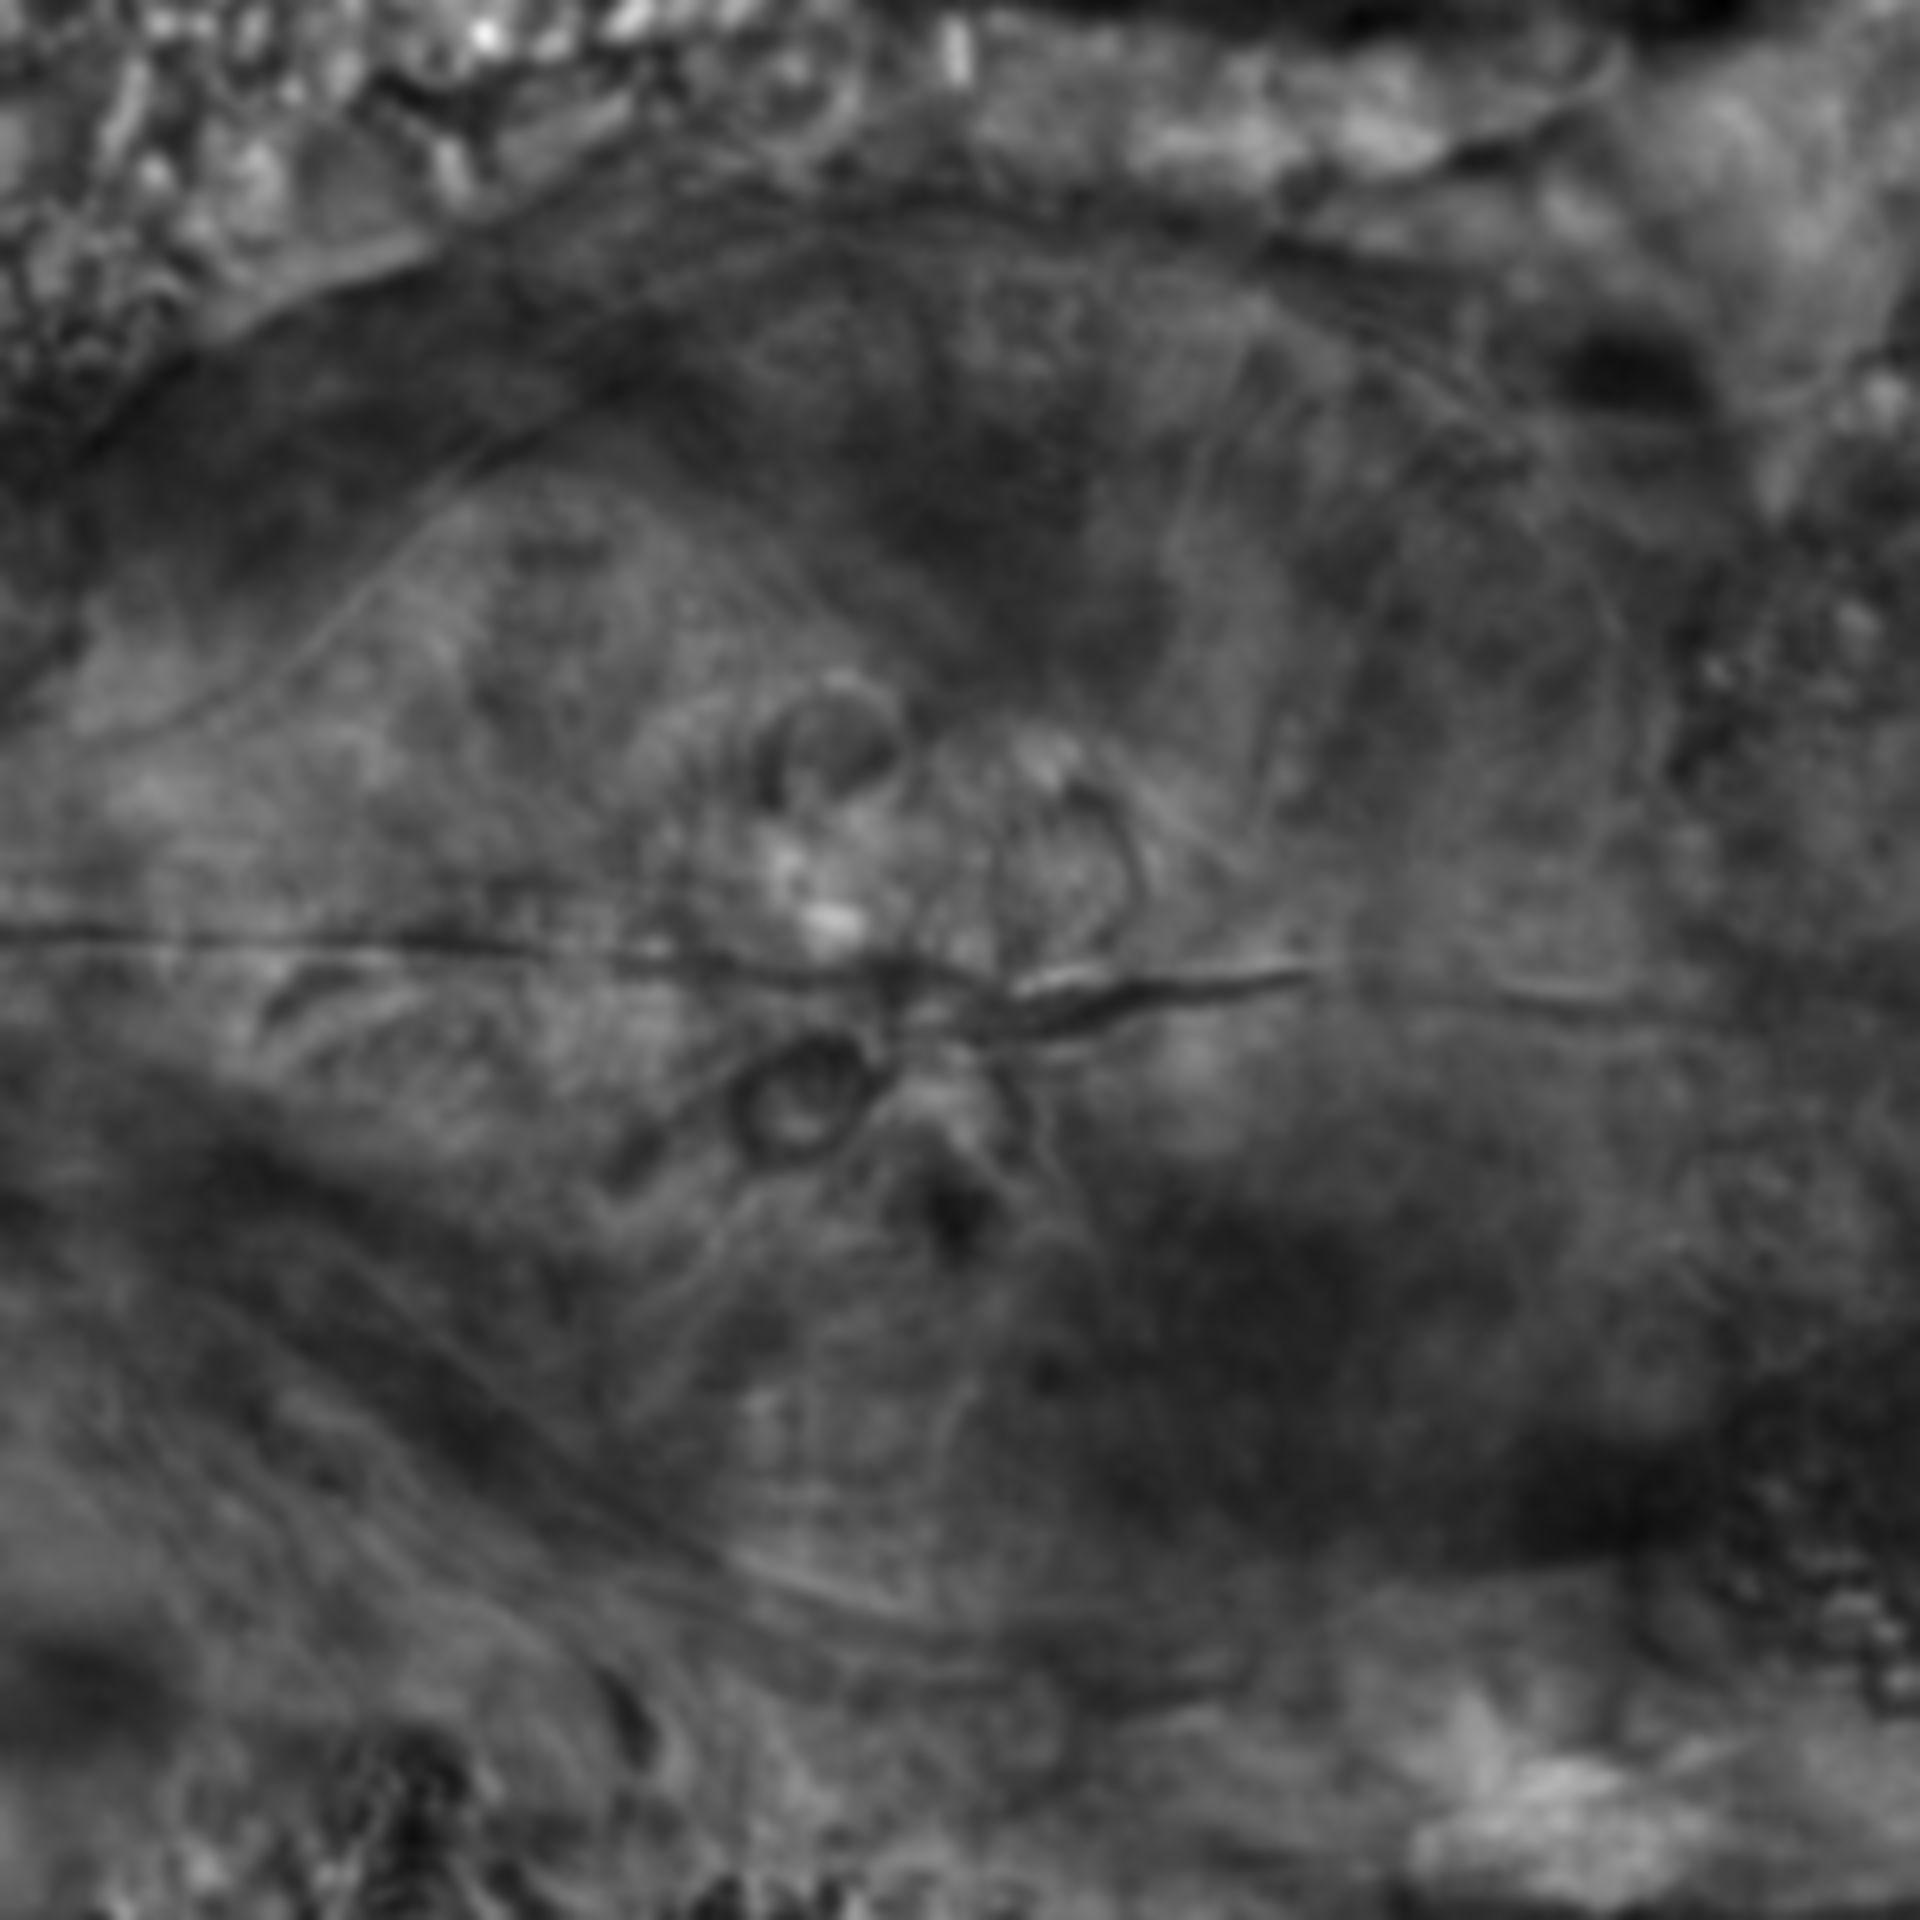 Caenorhabditis elegans - CIL:2287